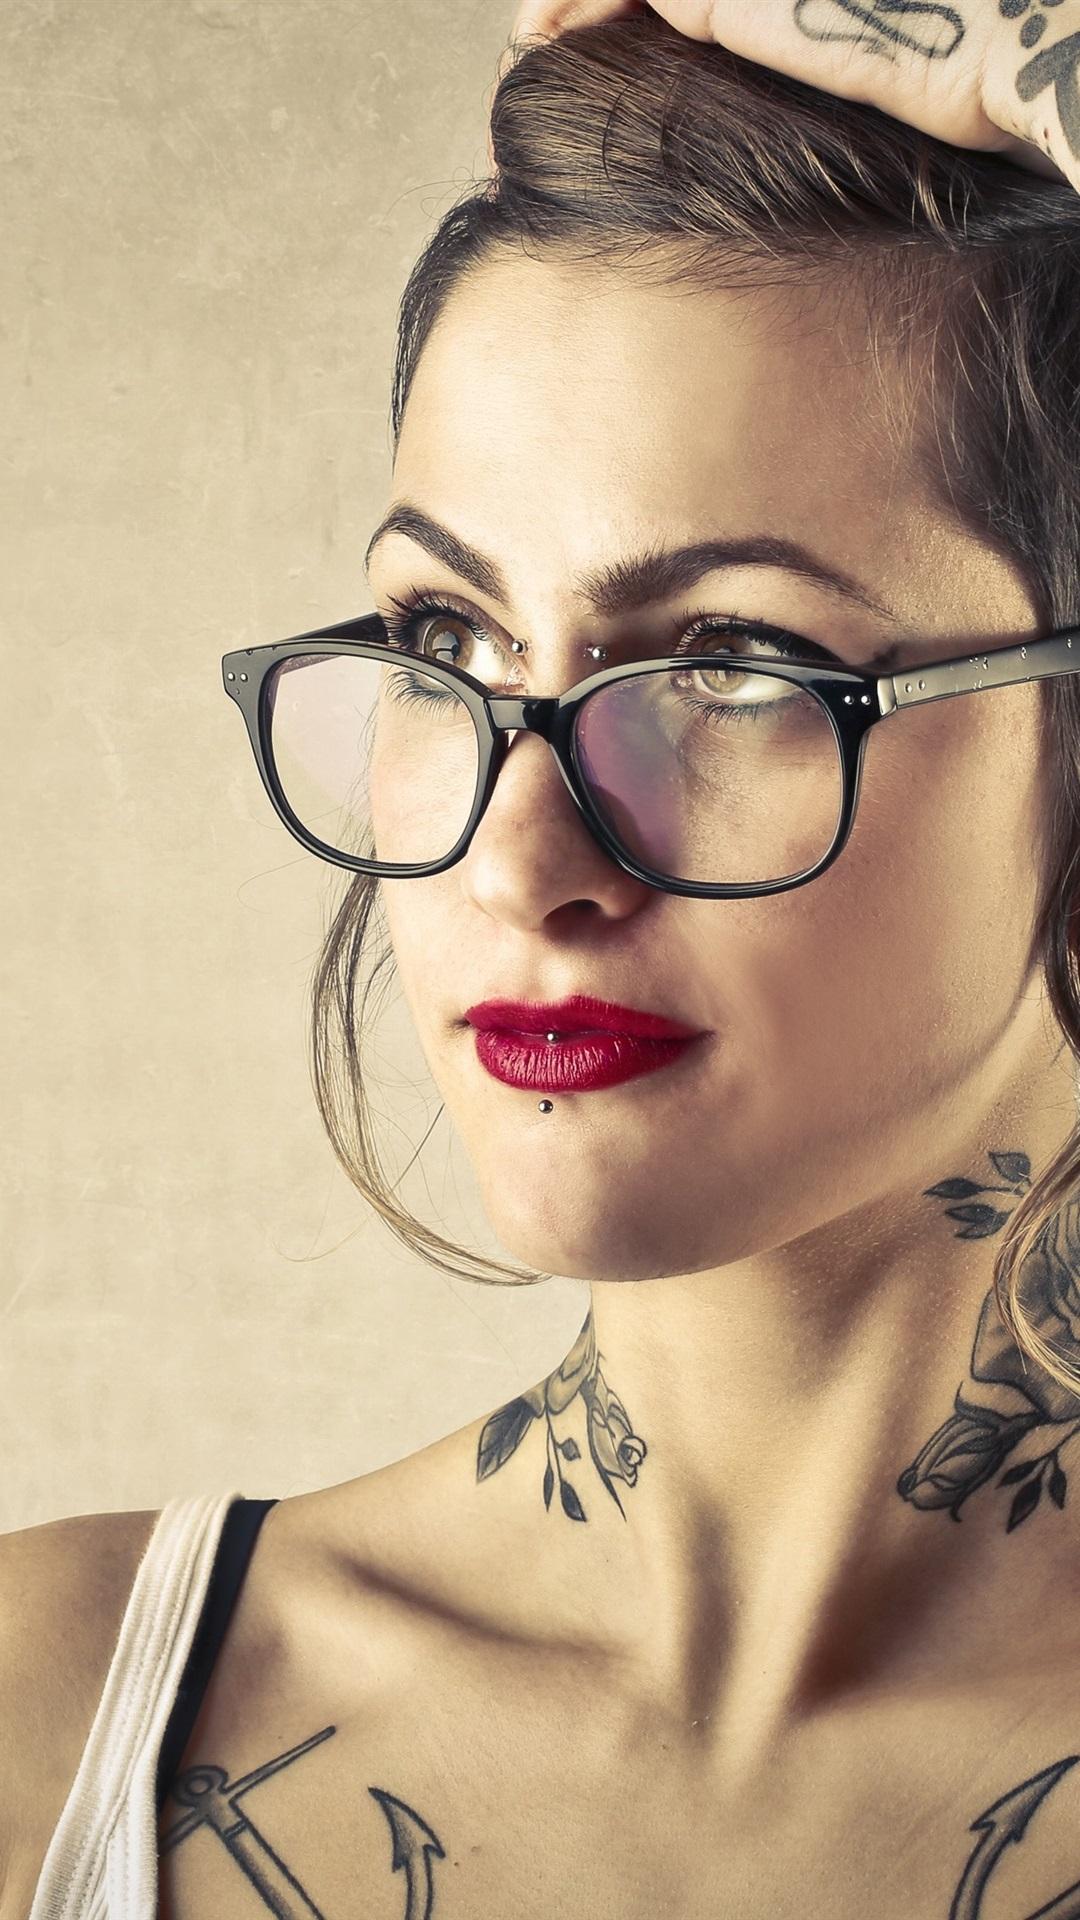 Tattoo Girl Wallpaper Iphone 6 , HD Wallpaper & Backgrounds